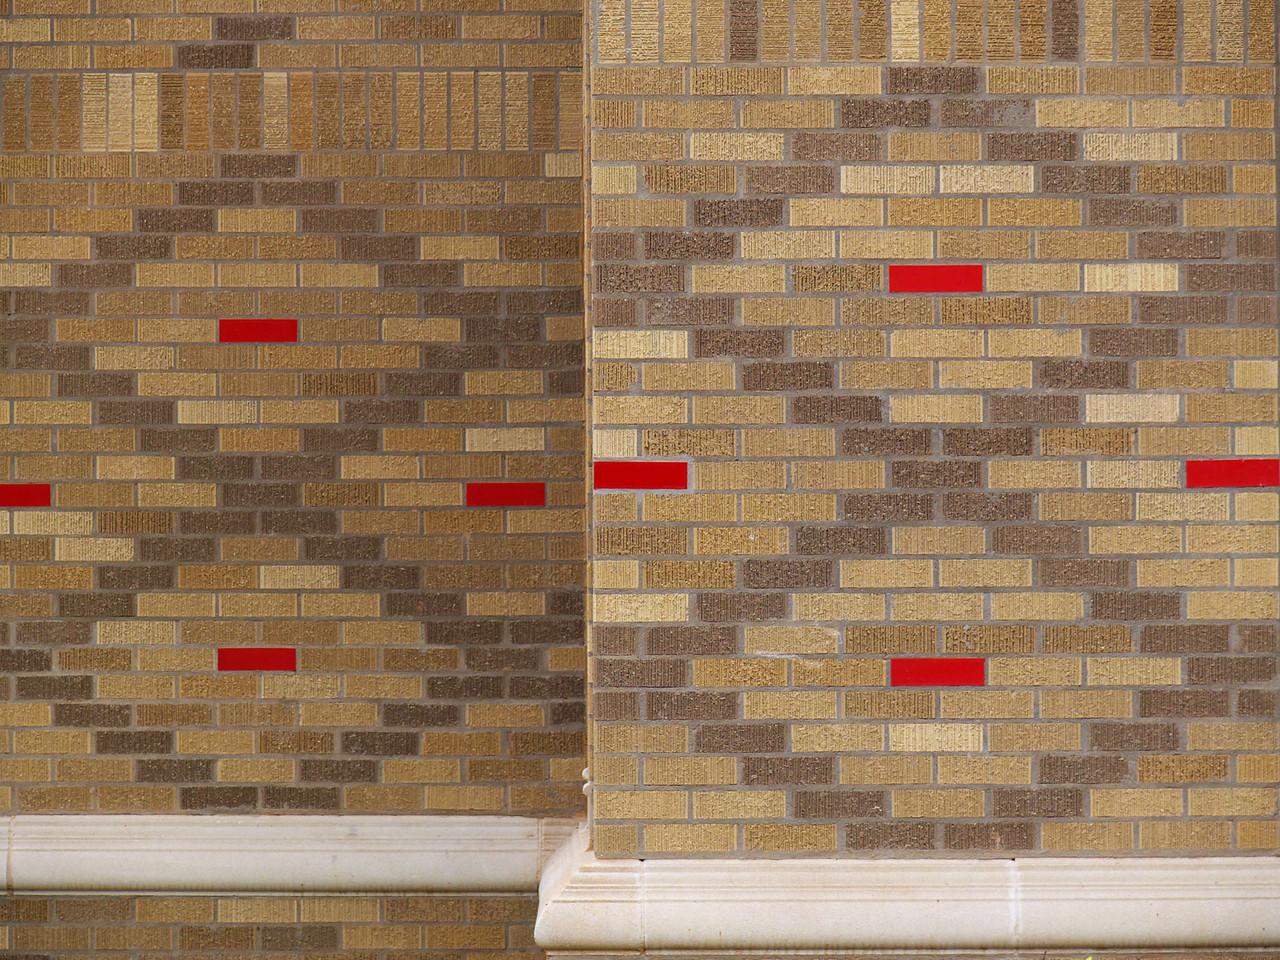 Brick work patterns